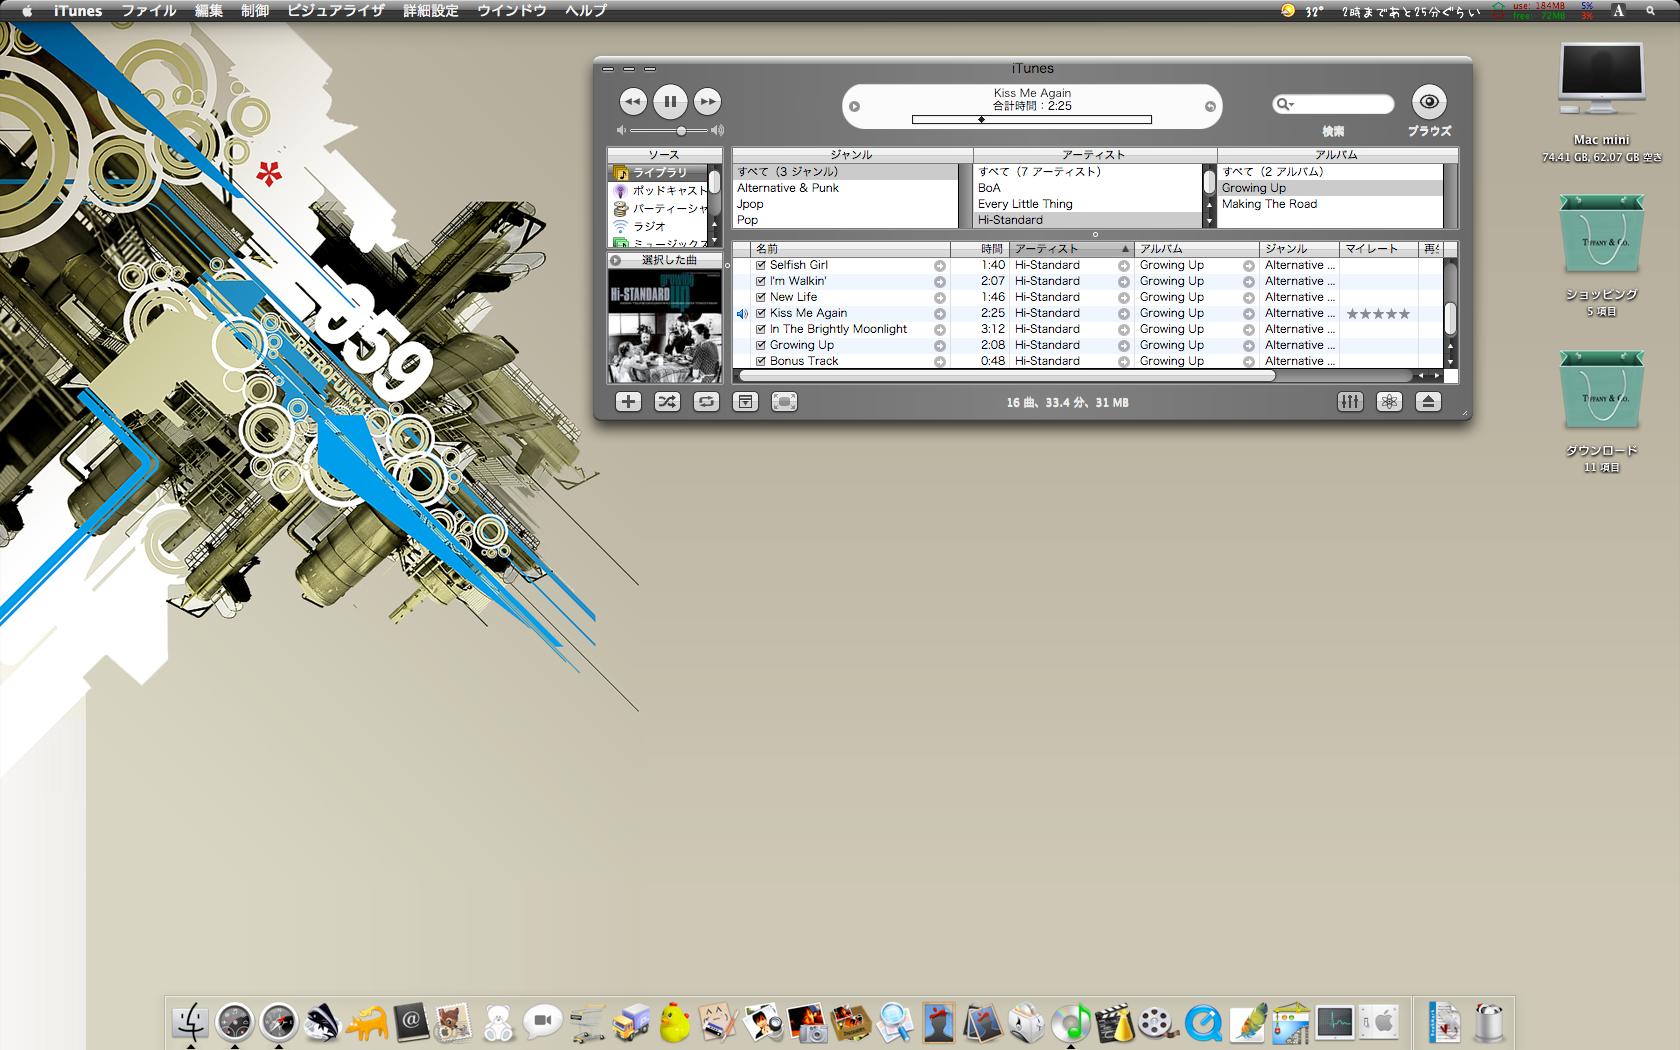 DRAGON Screenshot by susumu-Express